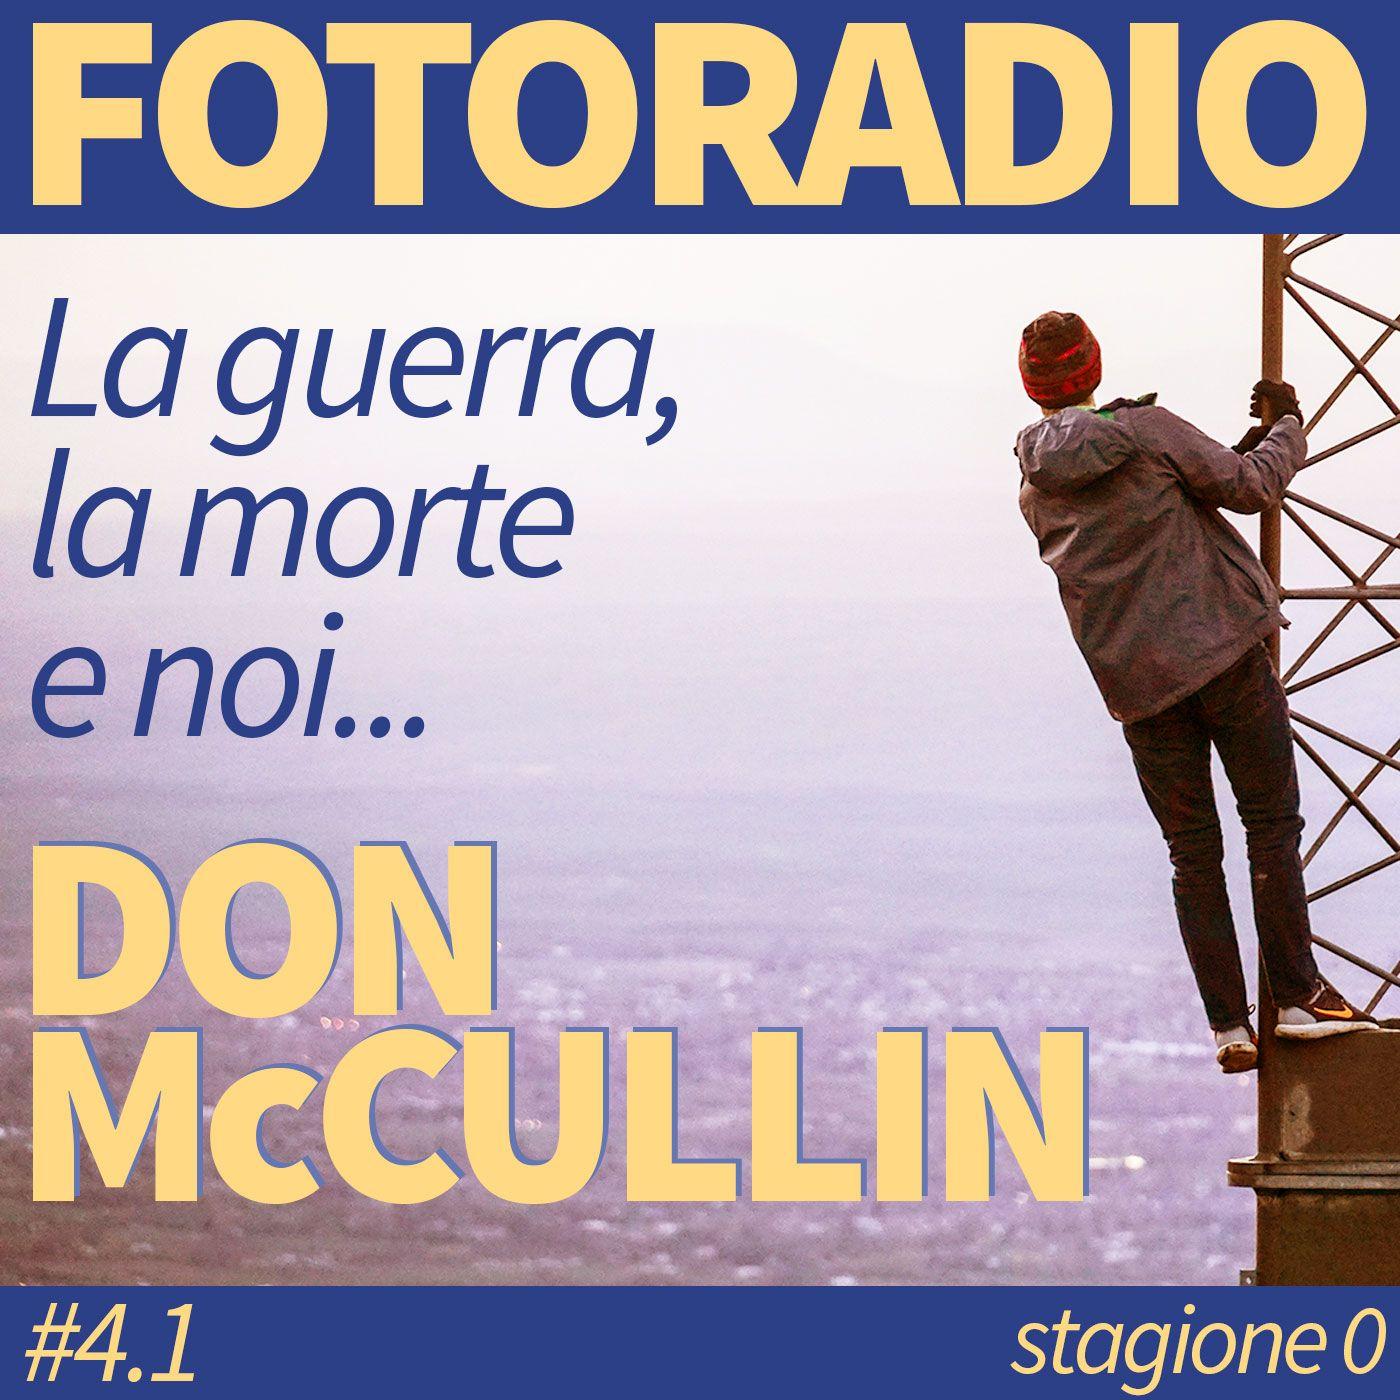 DON MCCULLIN /1. La guerra, la morte e noi